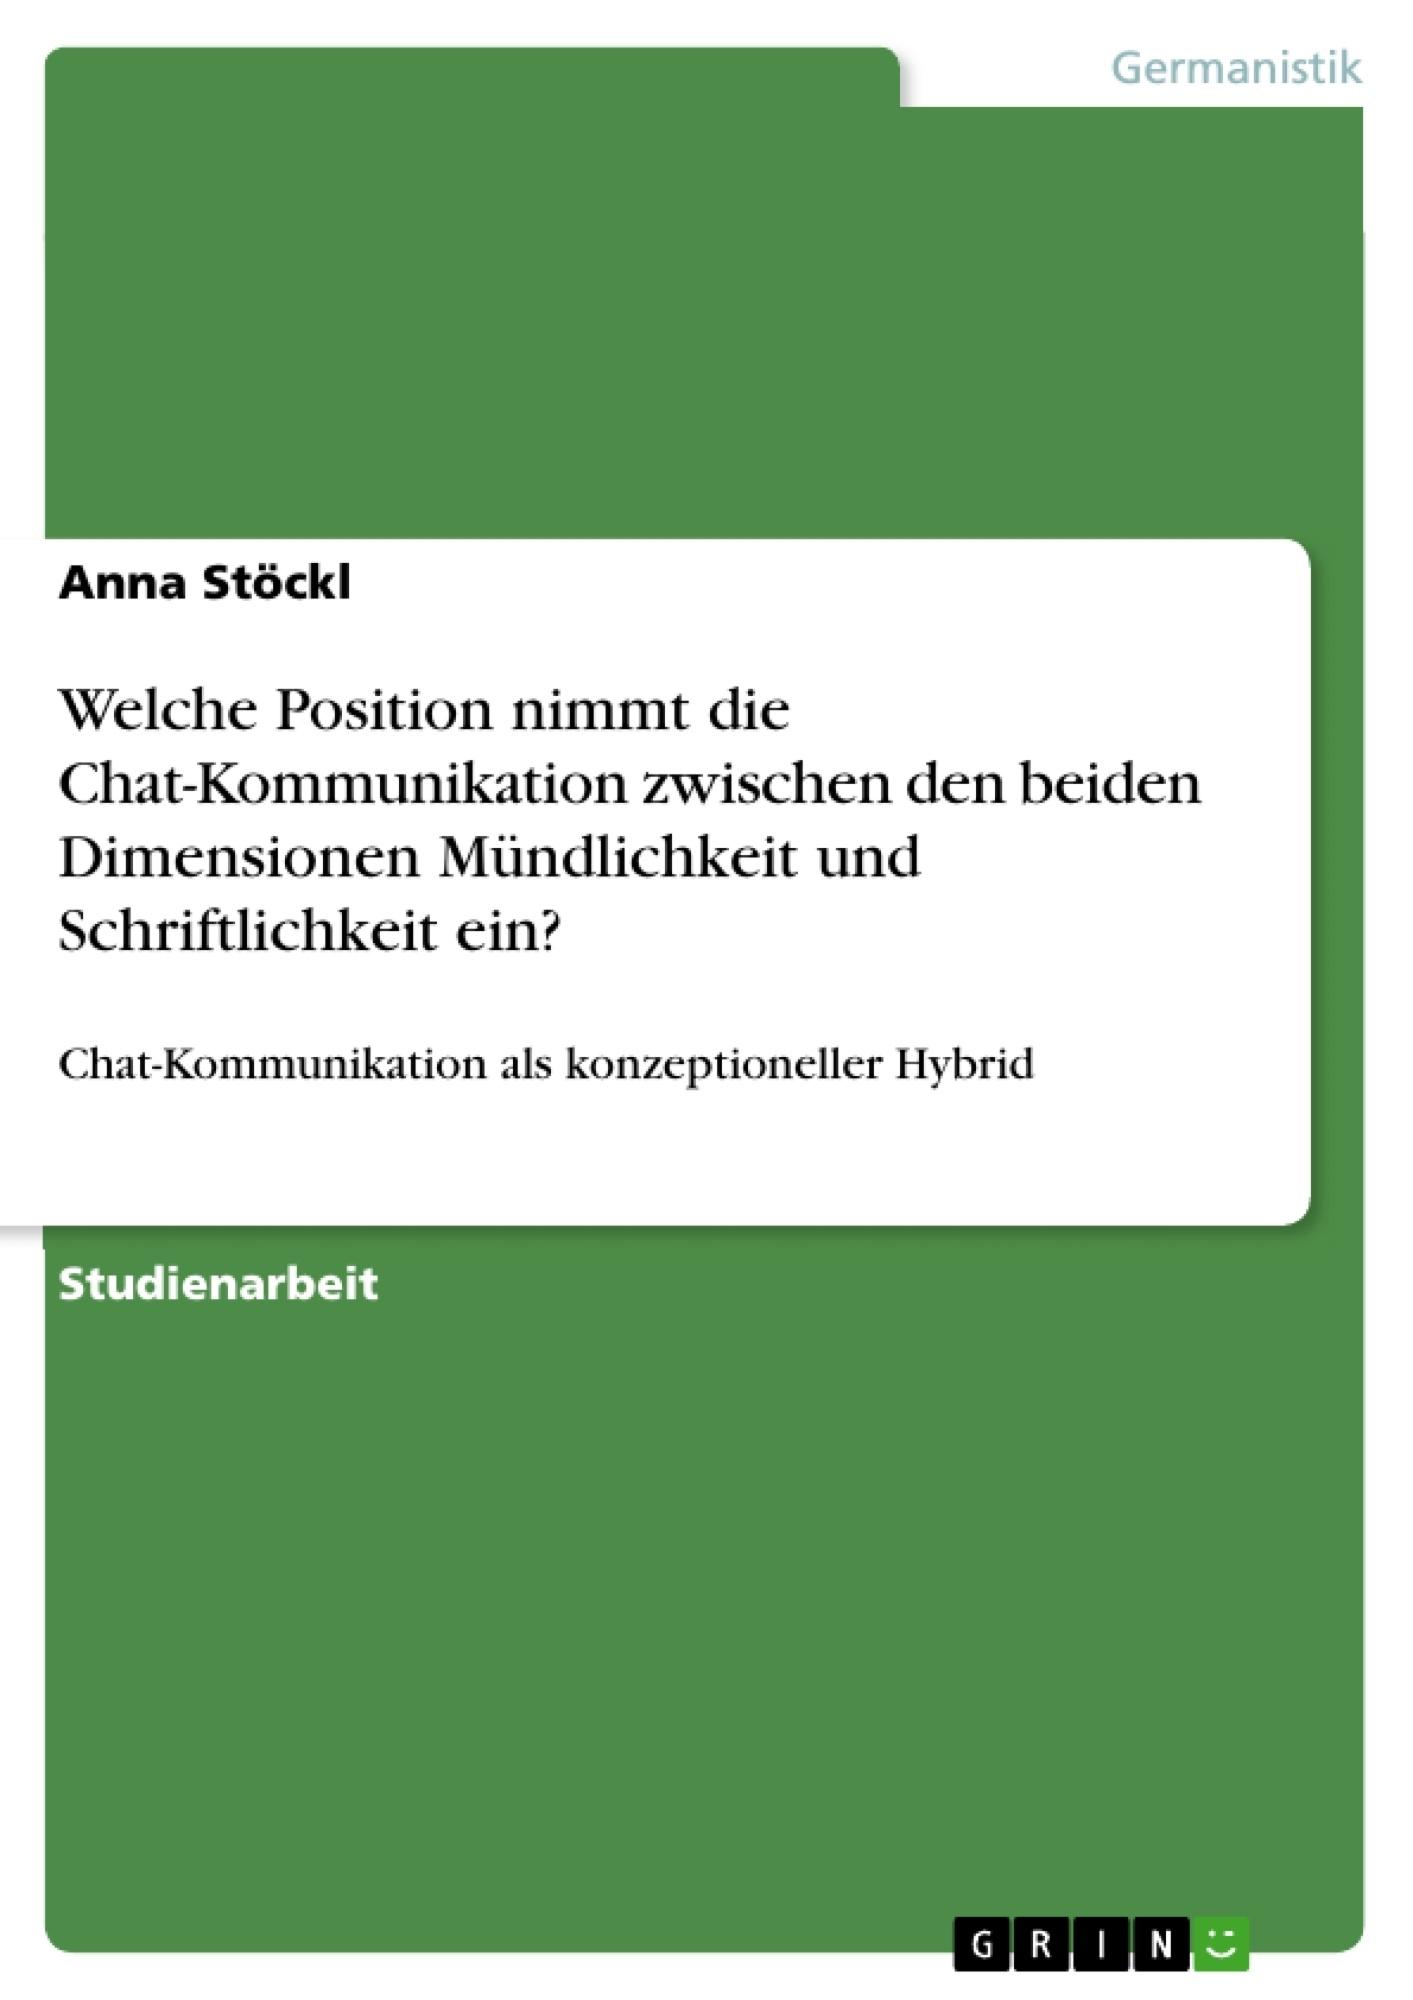 Titel: Welche Position nimmt die Chat-Kommunikation zwischen den beiden Dimensionen Mündlichkeit und Schriftlichkeit ein?